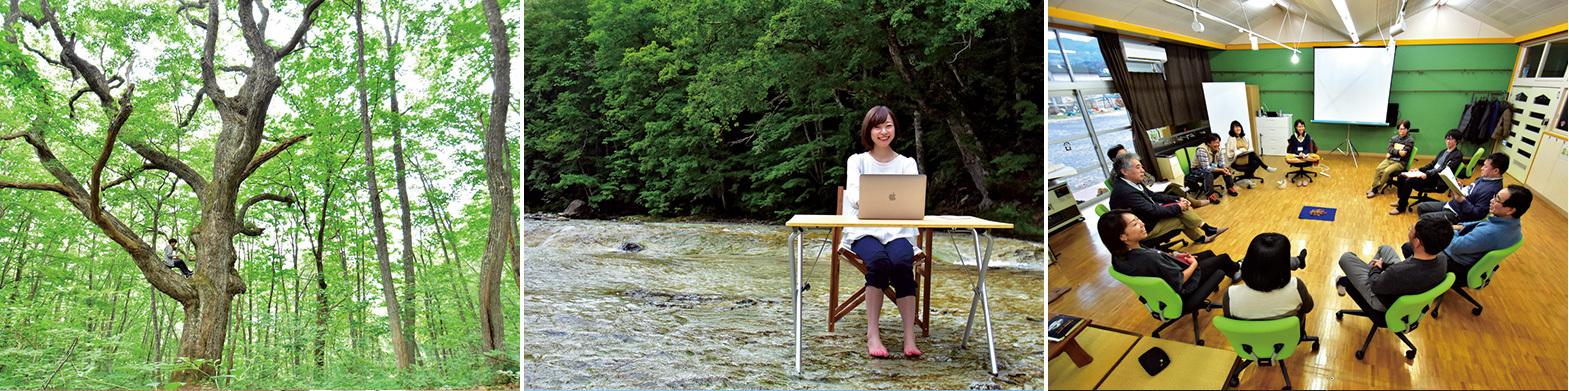 左/みなかみ町には豊かな森が多い。「周辺にダムがあるおかげで森林が守られてきたんです」と都丸さん。木の上も「オフィス」に! 中央/清流の中に机と椅子を運び込む、夏季限定の「水冷オフィス」。せせらぎの音と水の冷たさとで新鮮なアイデアが湧いてくる。 右/廃・幼稚園を利用した『テレワークセンターみなかみ』での会議の様子。自己肯定力を育む場所である幼稚園では、自由な発想が生まれる。